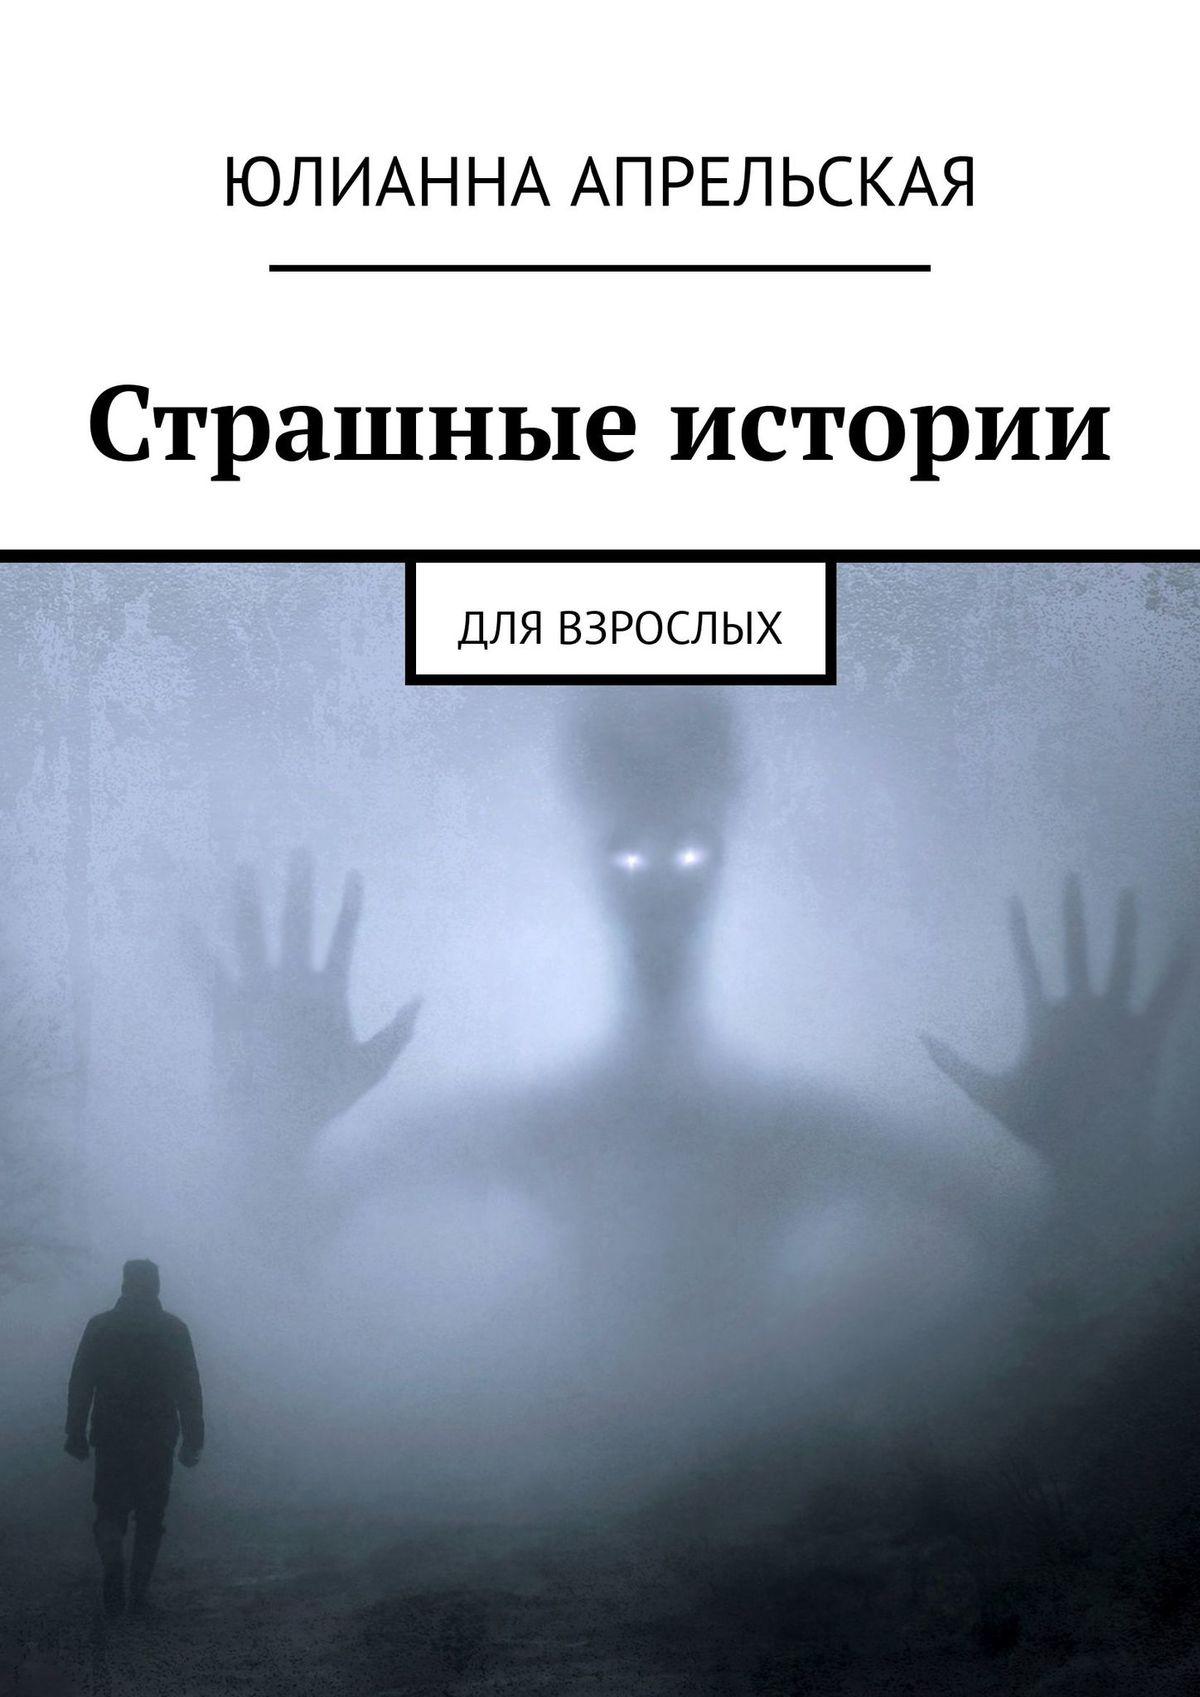 Страшные истории. Для взрослых